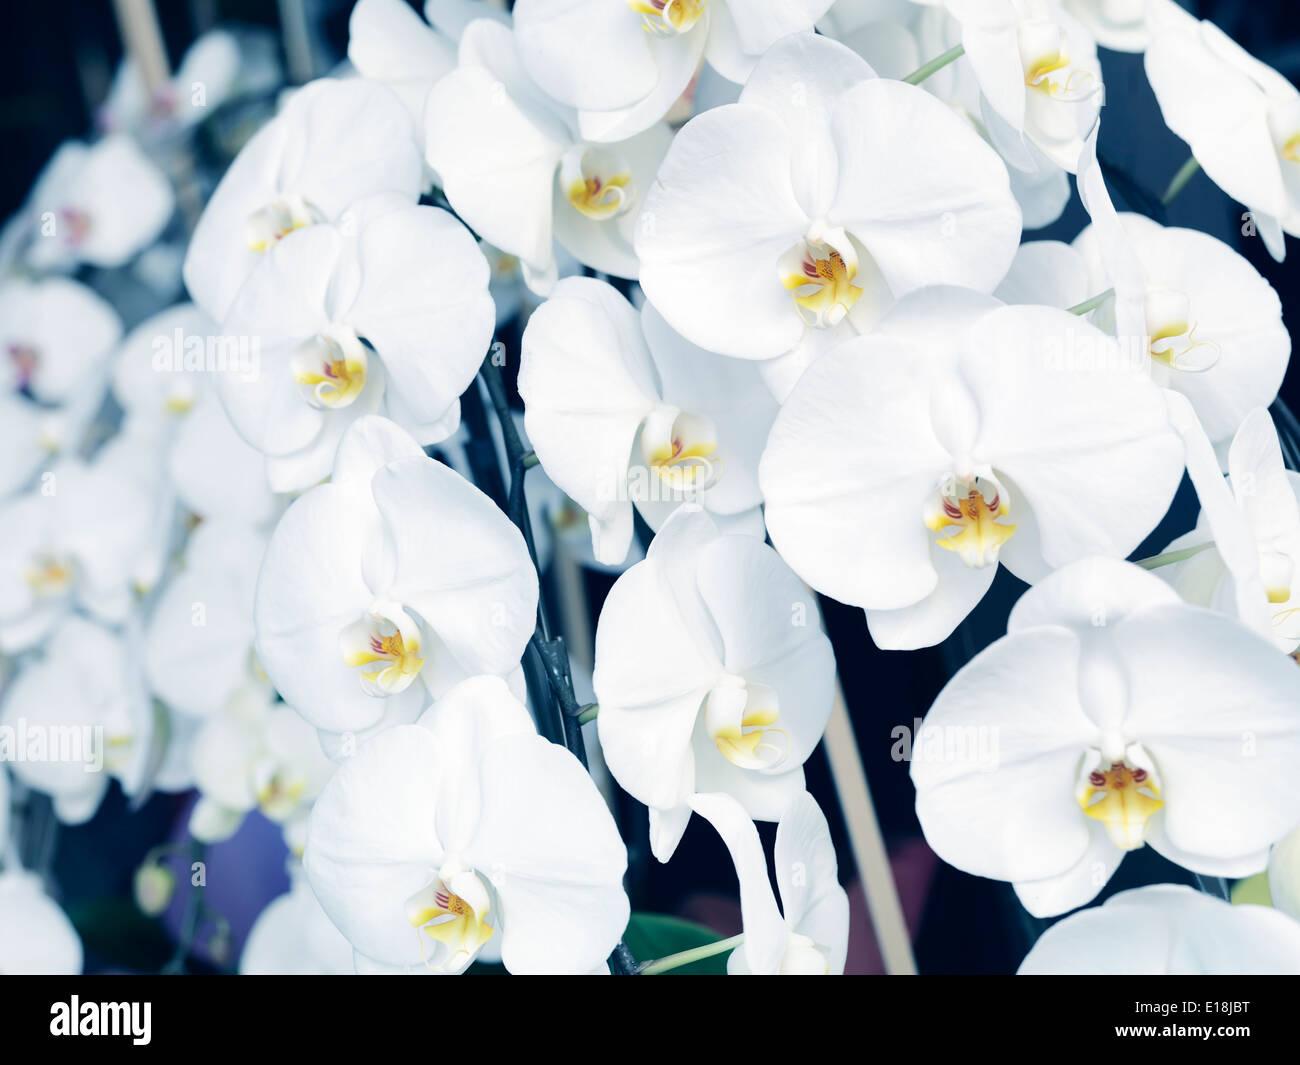 Weiße Orchideen, Phalaenopsis, floral Blumen. Stockbild